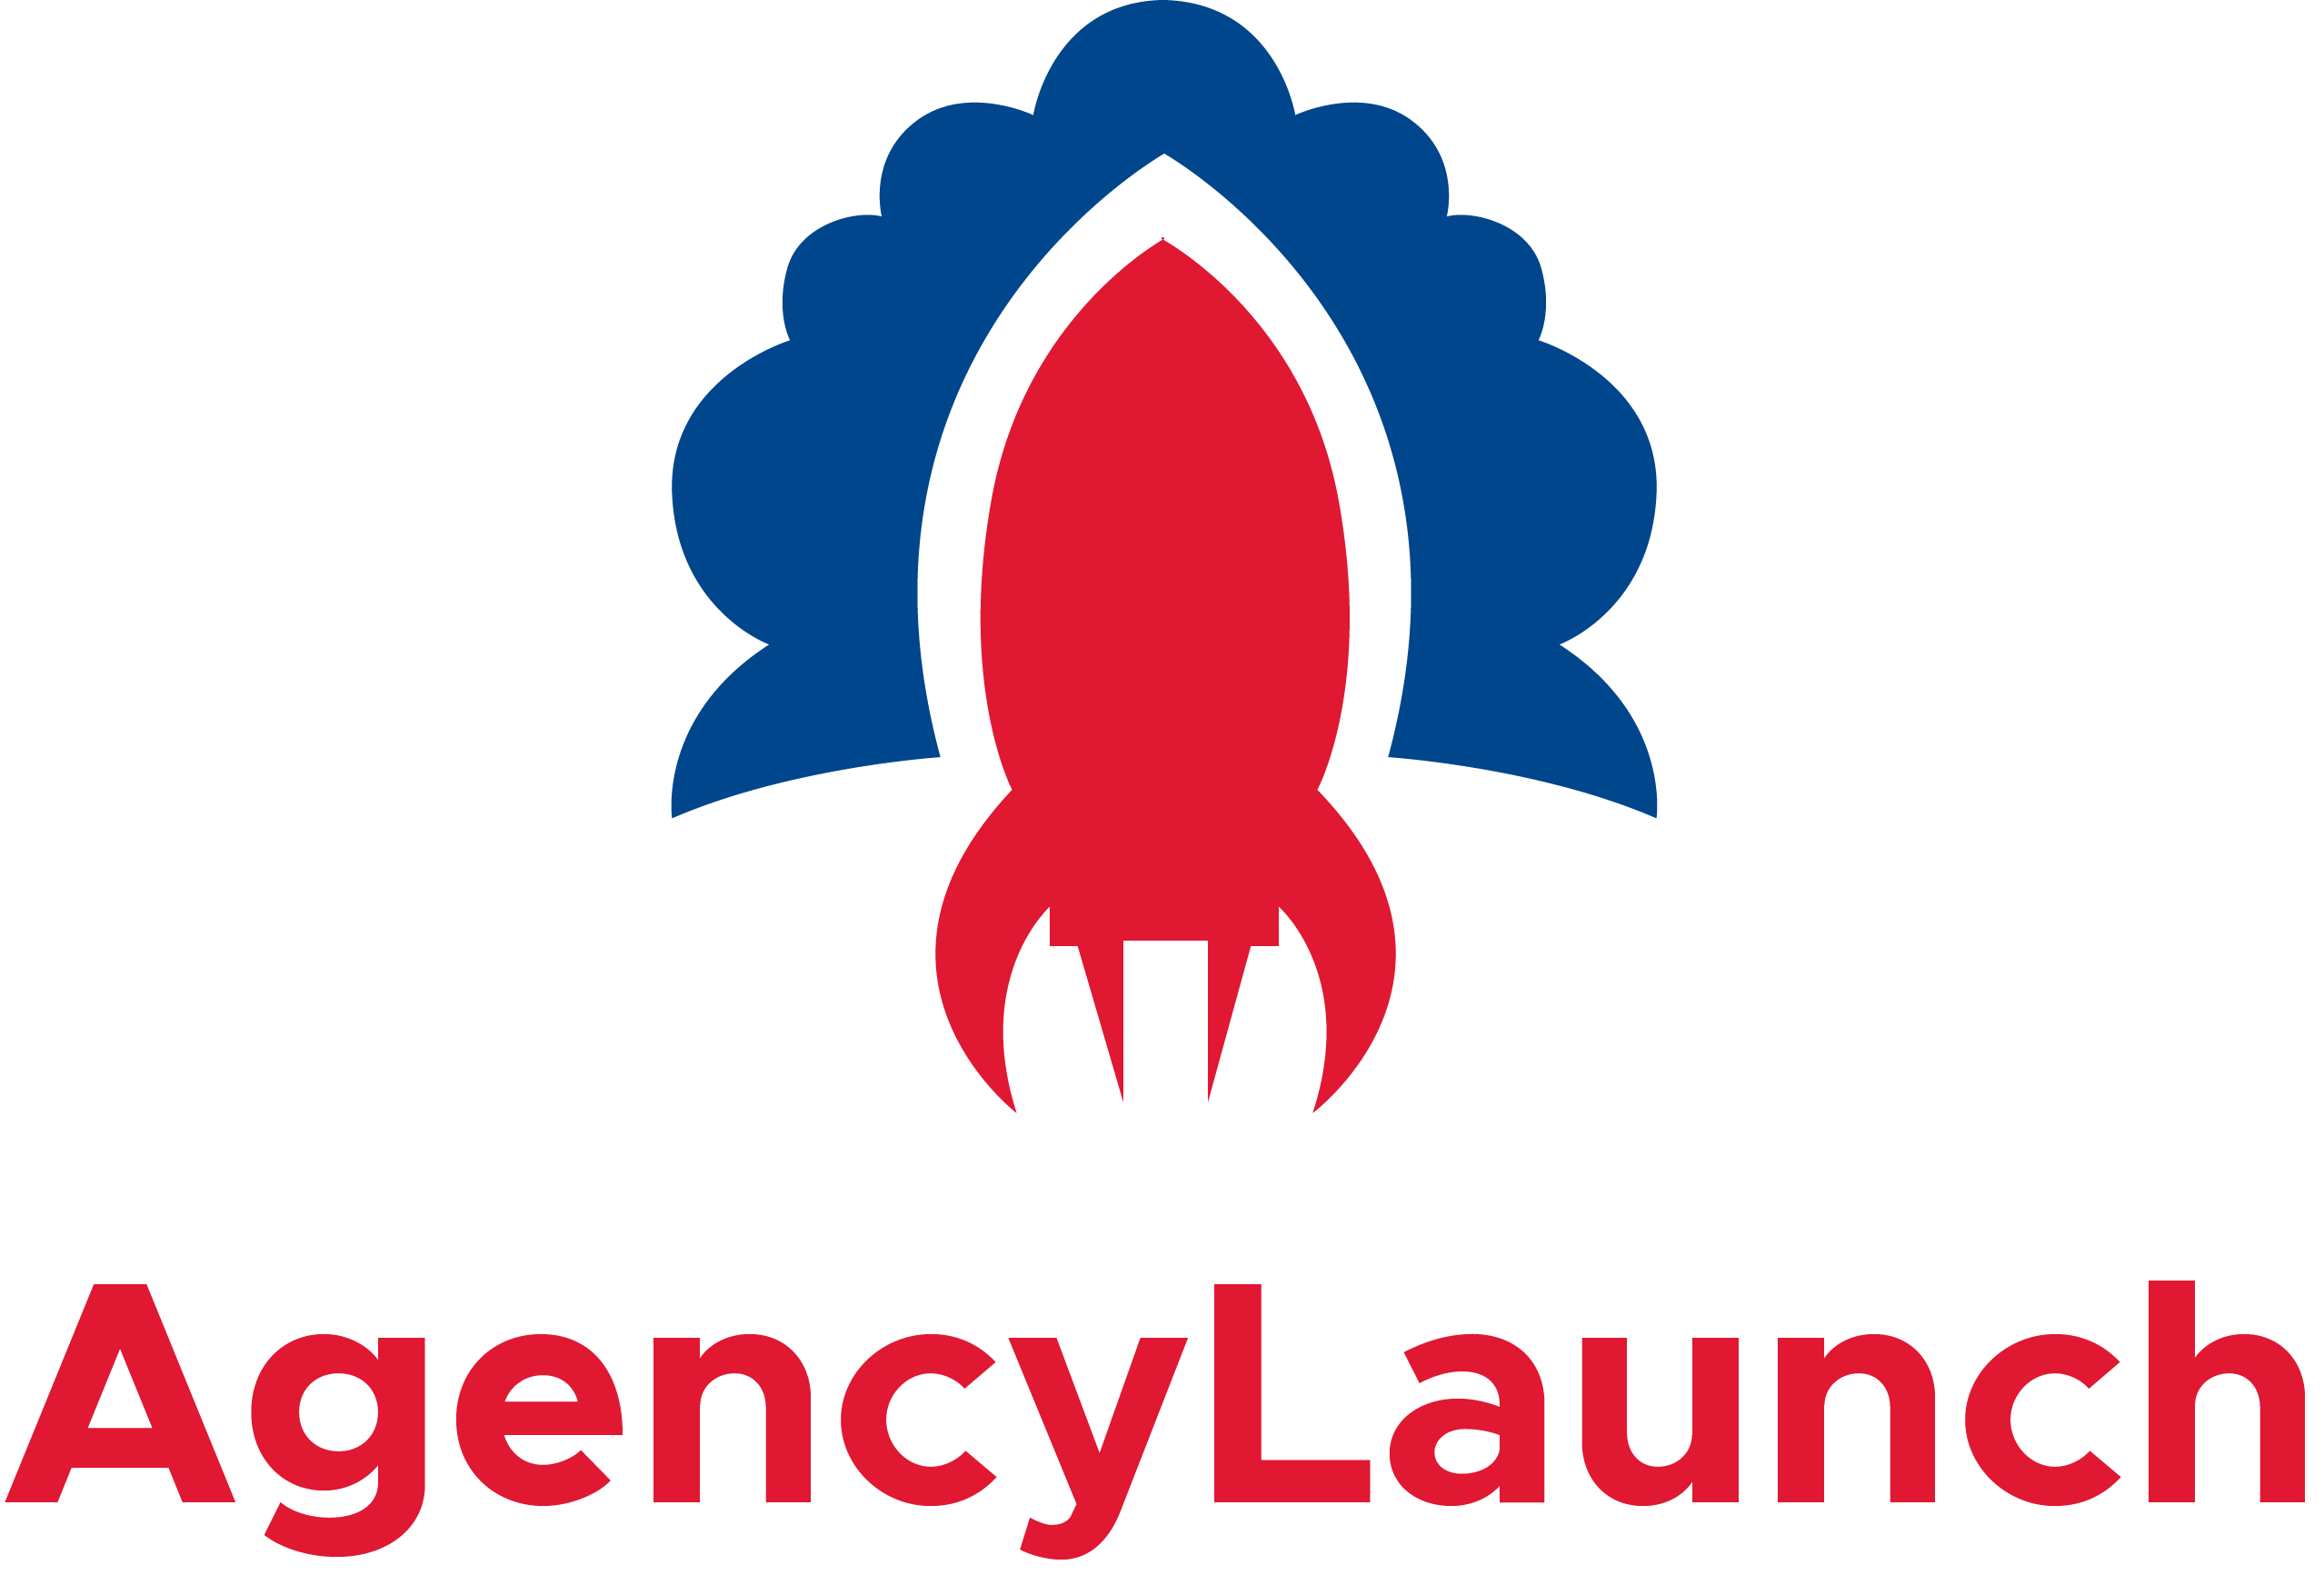 AgencyLaunch.net